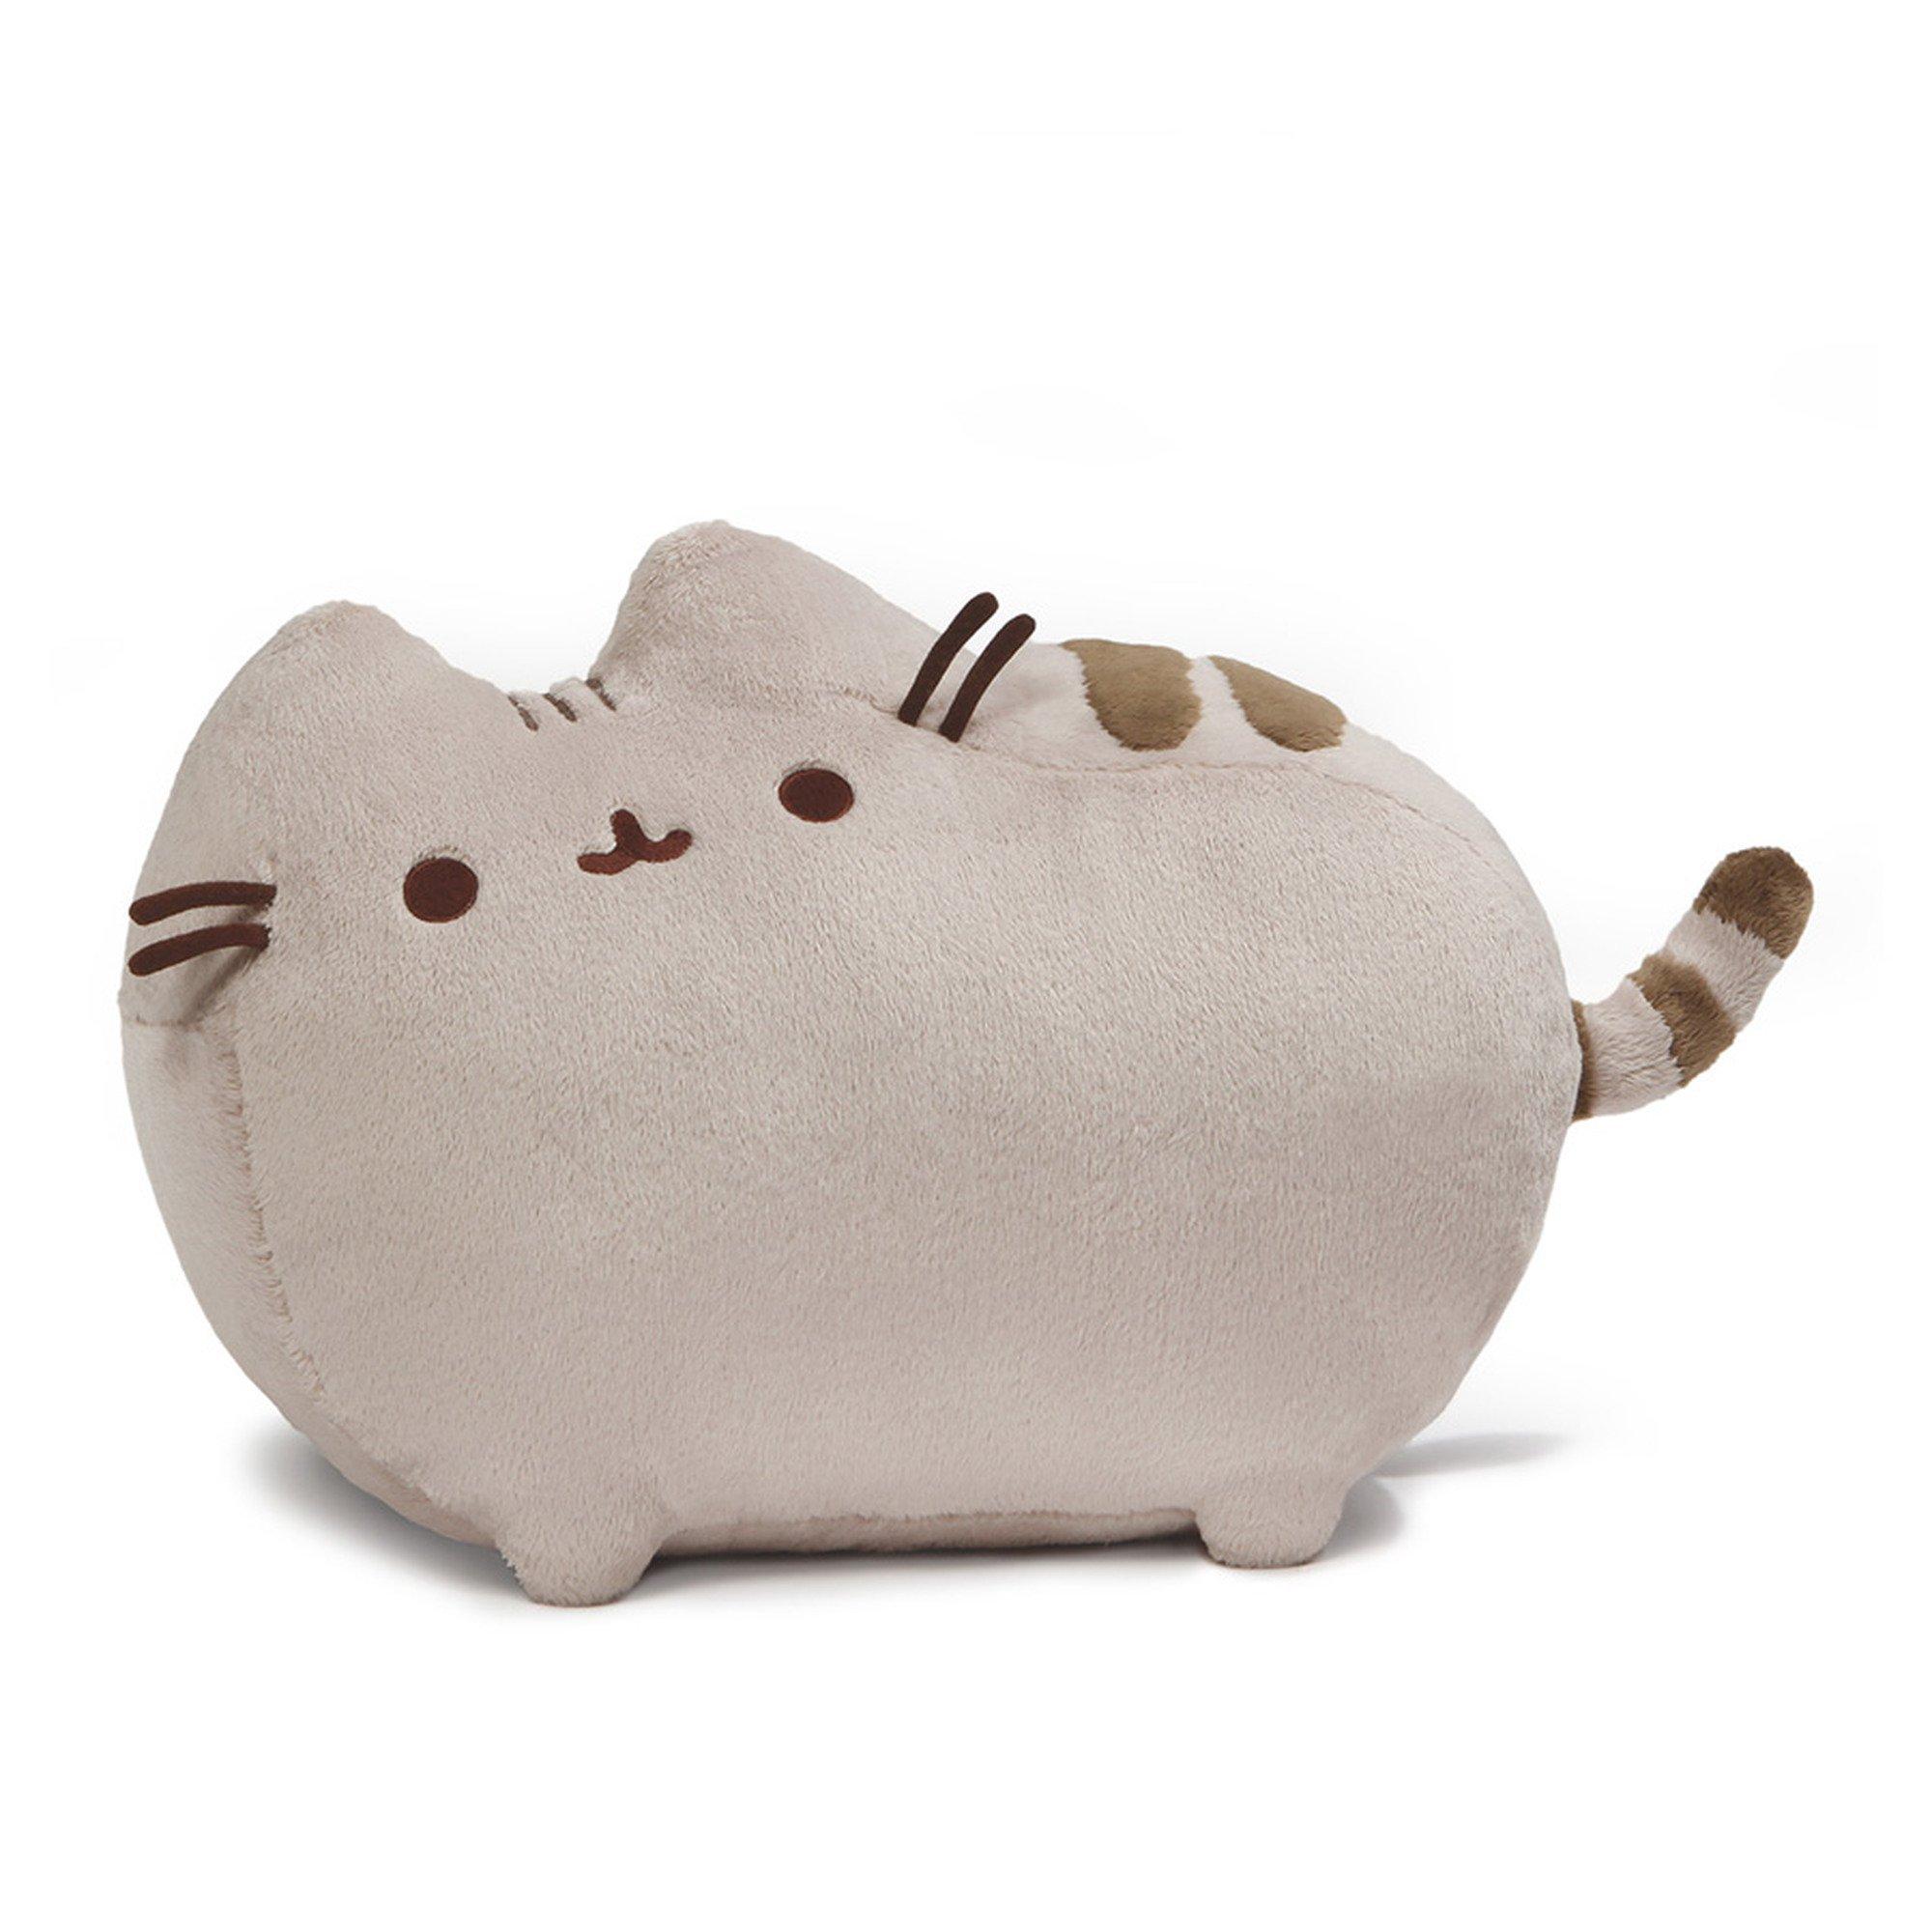 GUND Pusheen Cat Deluxe Plush Stuffed Animal, Gray, 19'' by GUND